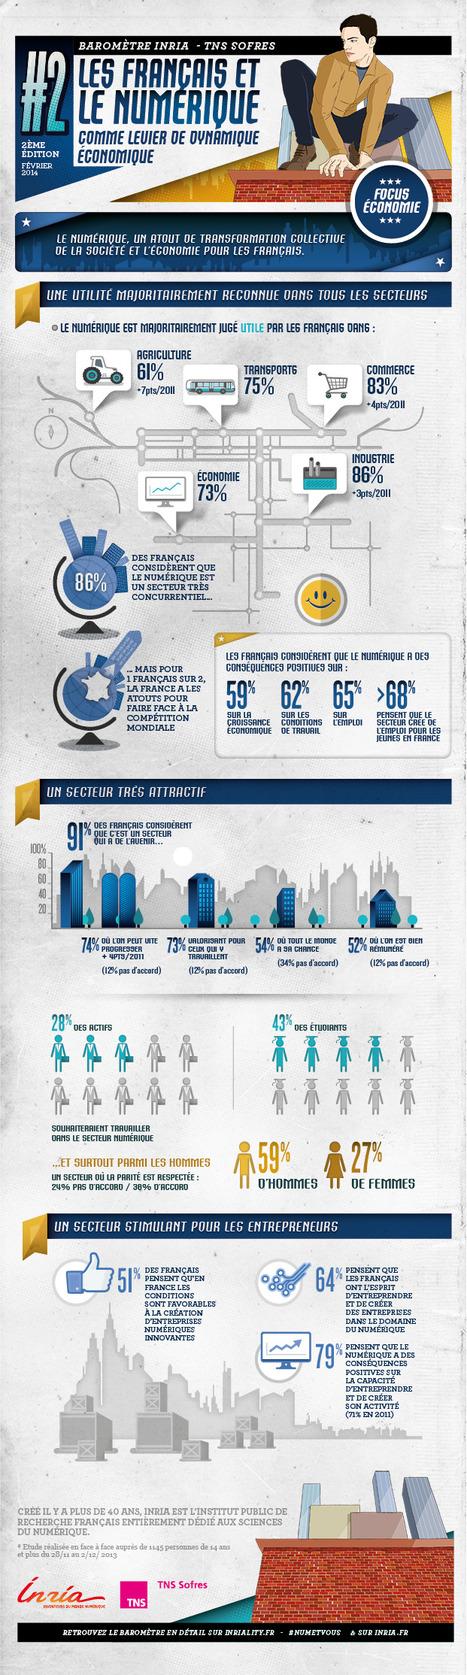 Les Français et le numérique en 2014 : 4 profils type, 10 chiffres clés et 2 infographies informatives | Entreprise et Stratégie Digitale | Scoop.it